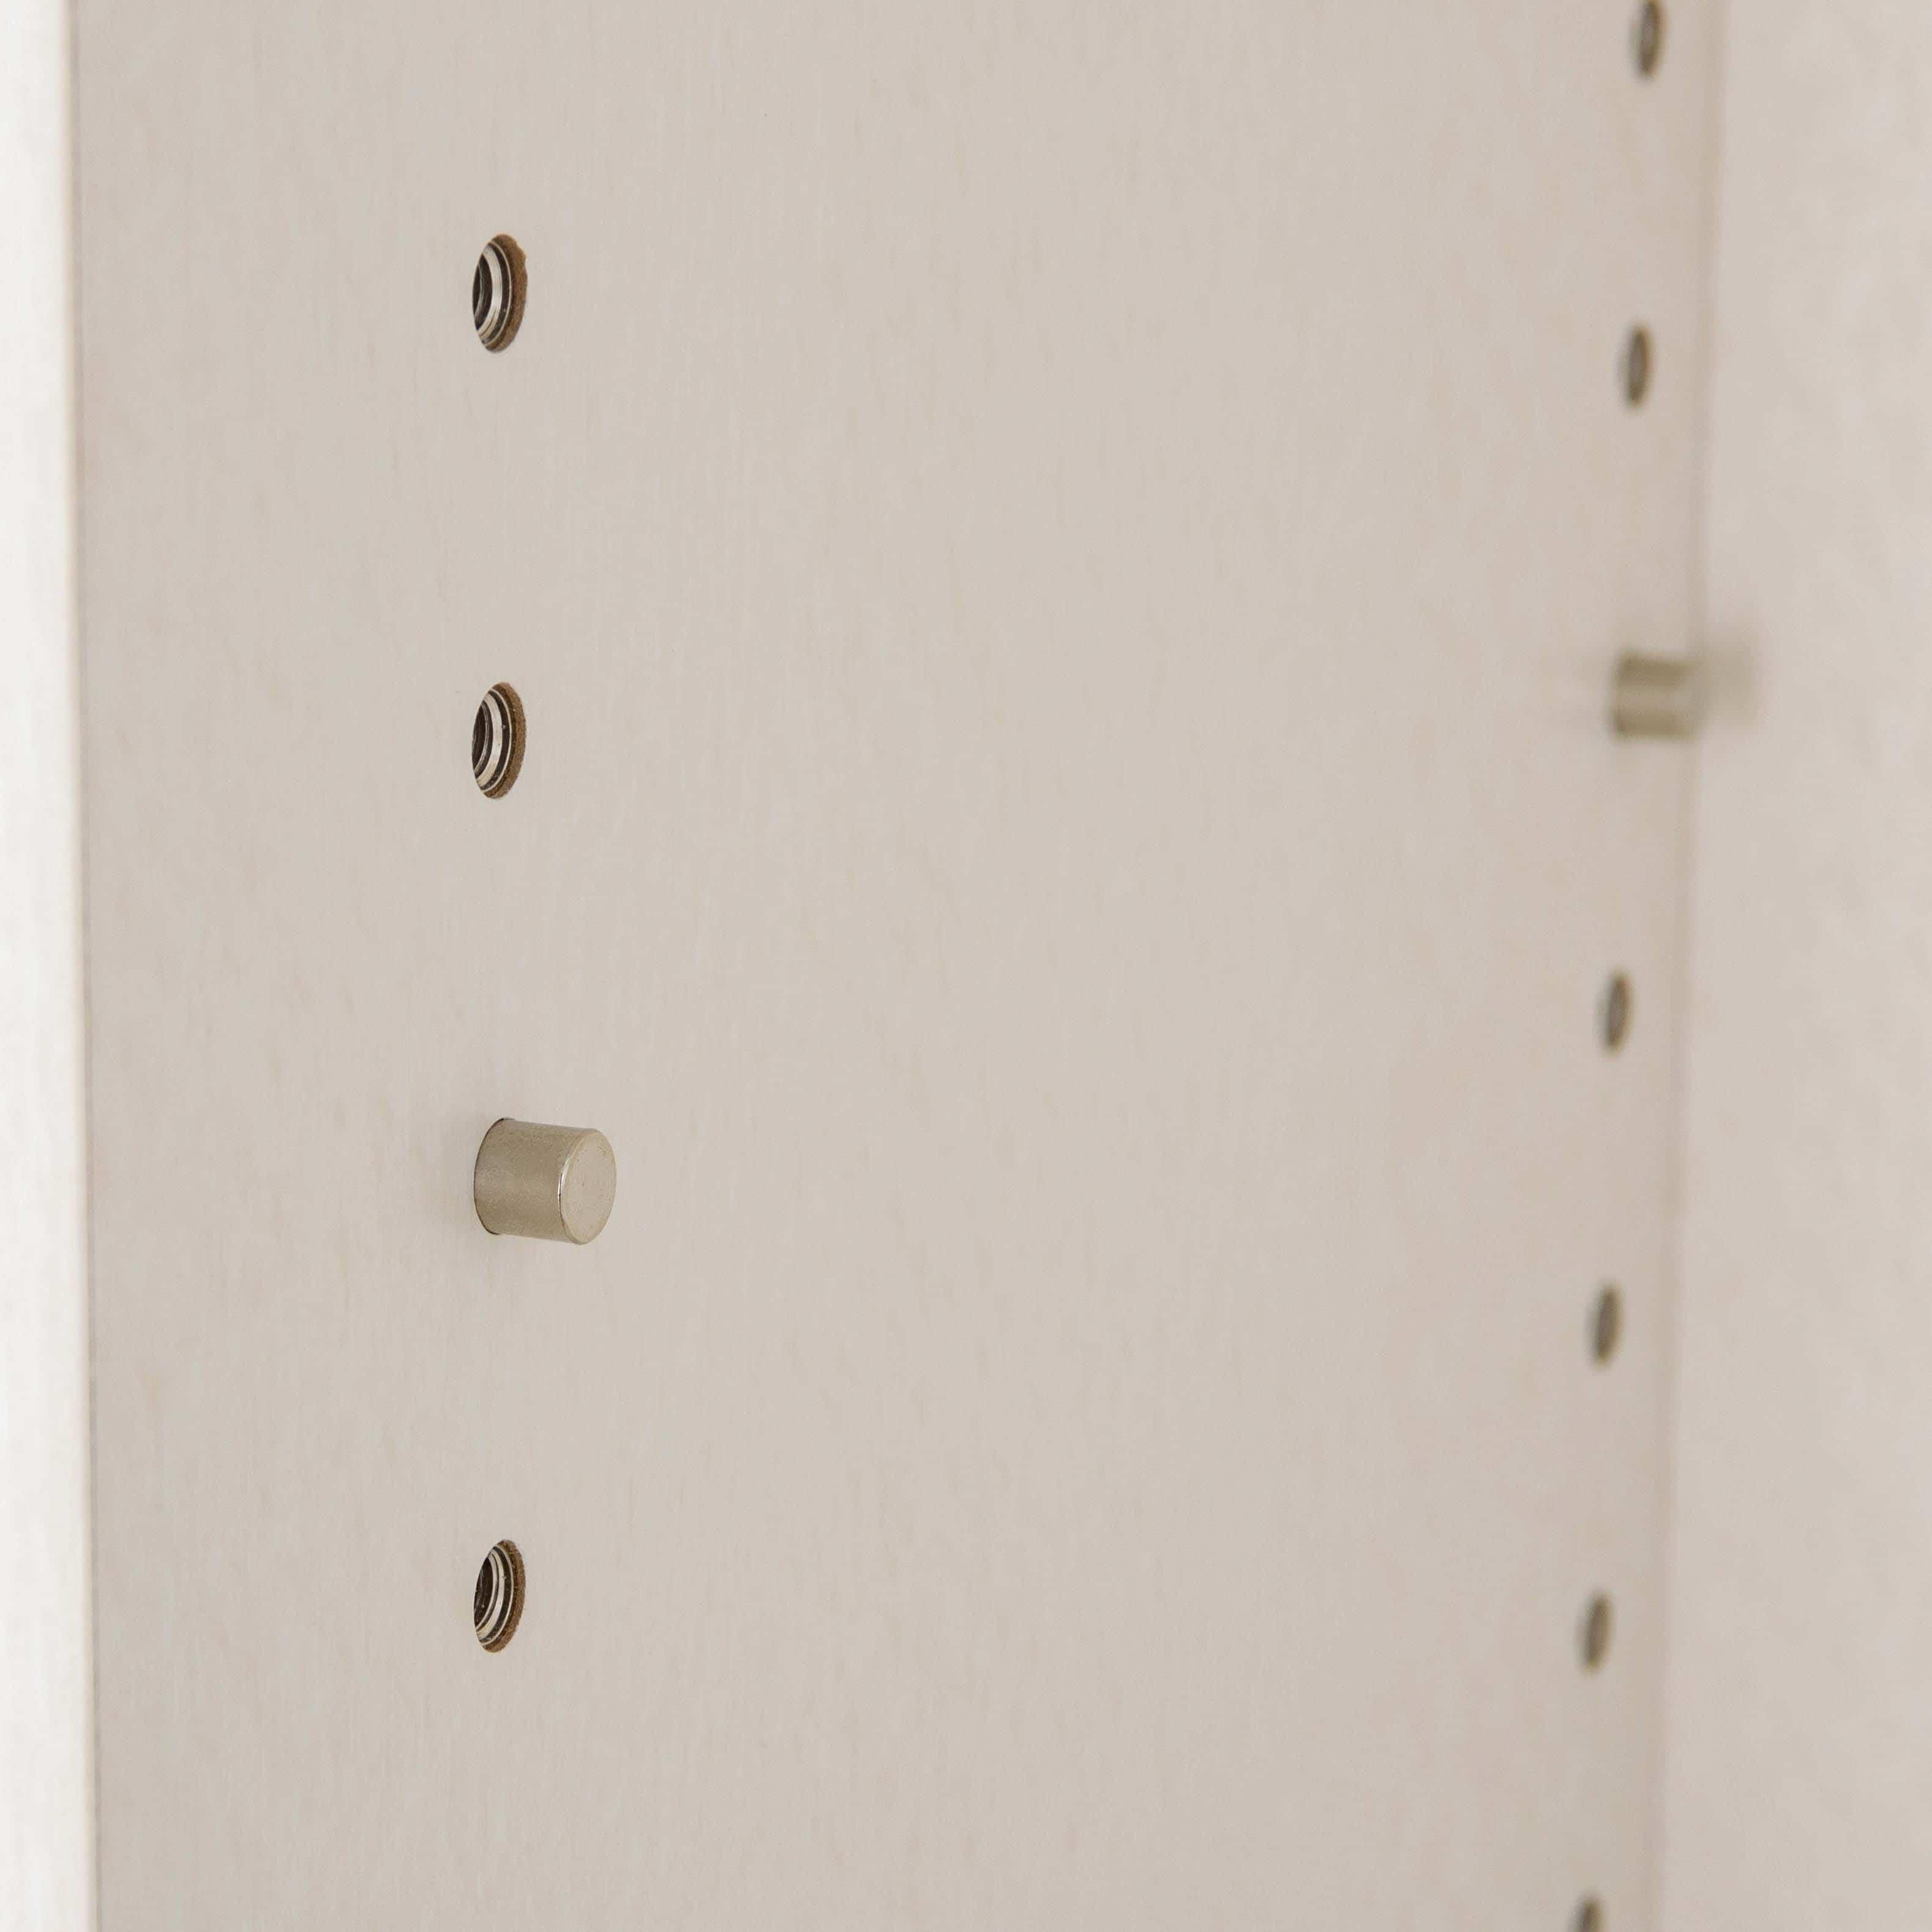 小島工芸 上置 アコード90A(チェリーナチュラル):キレイに収まる魅せる収納